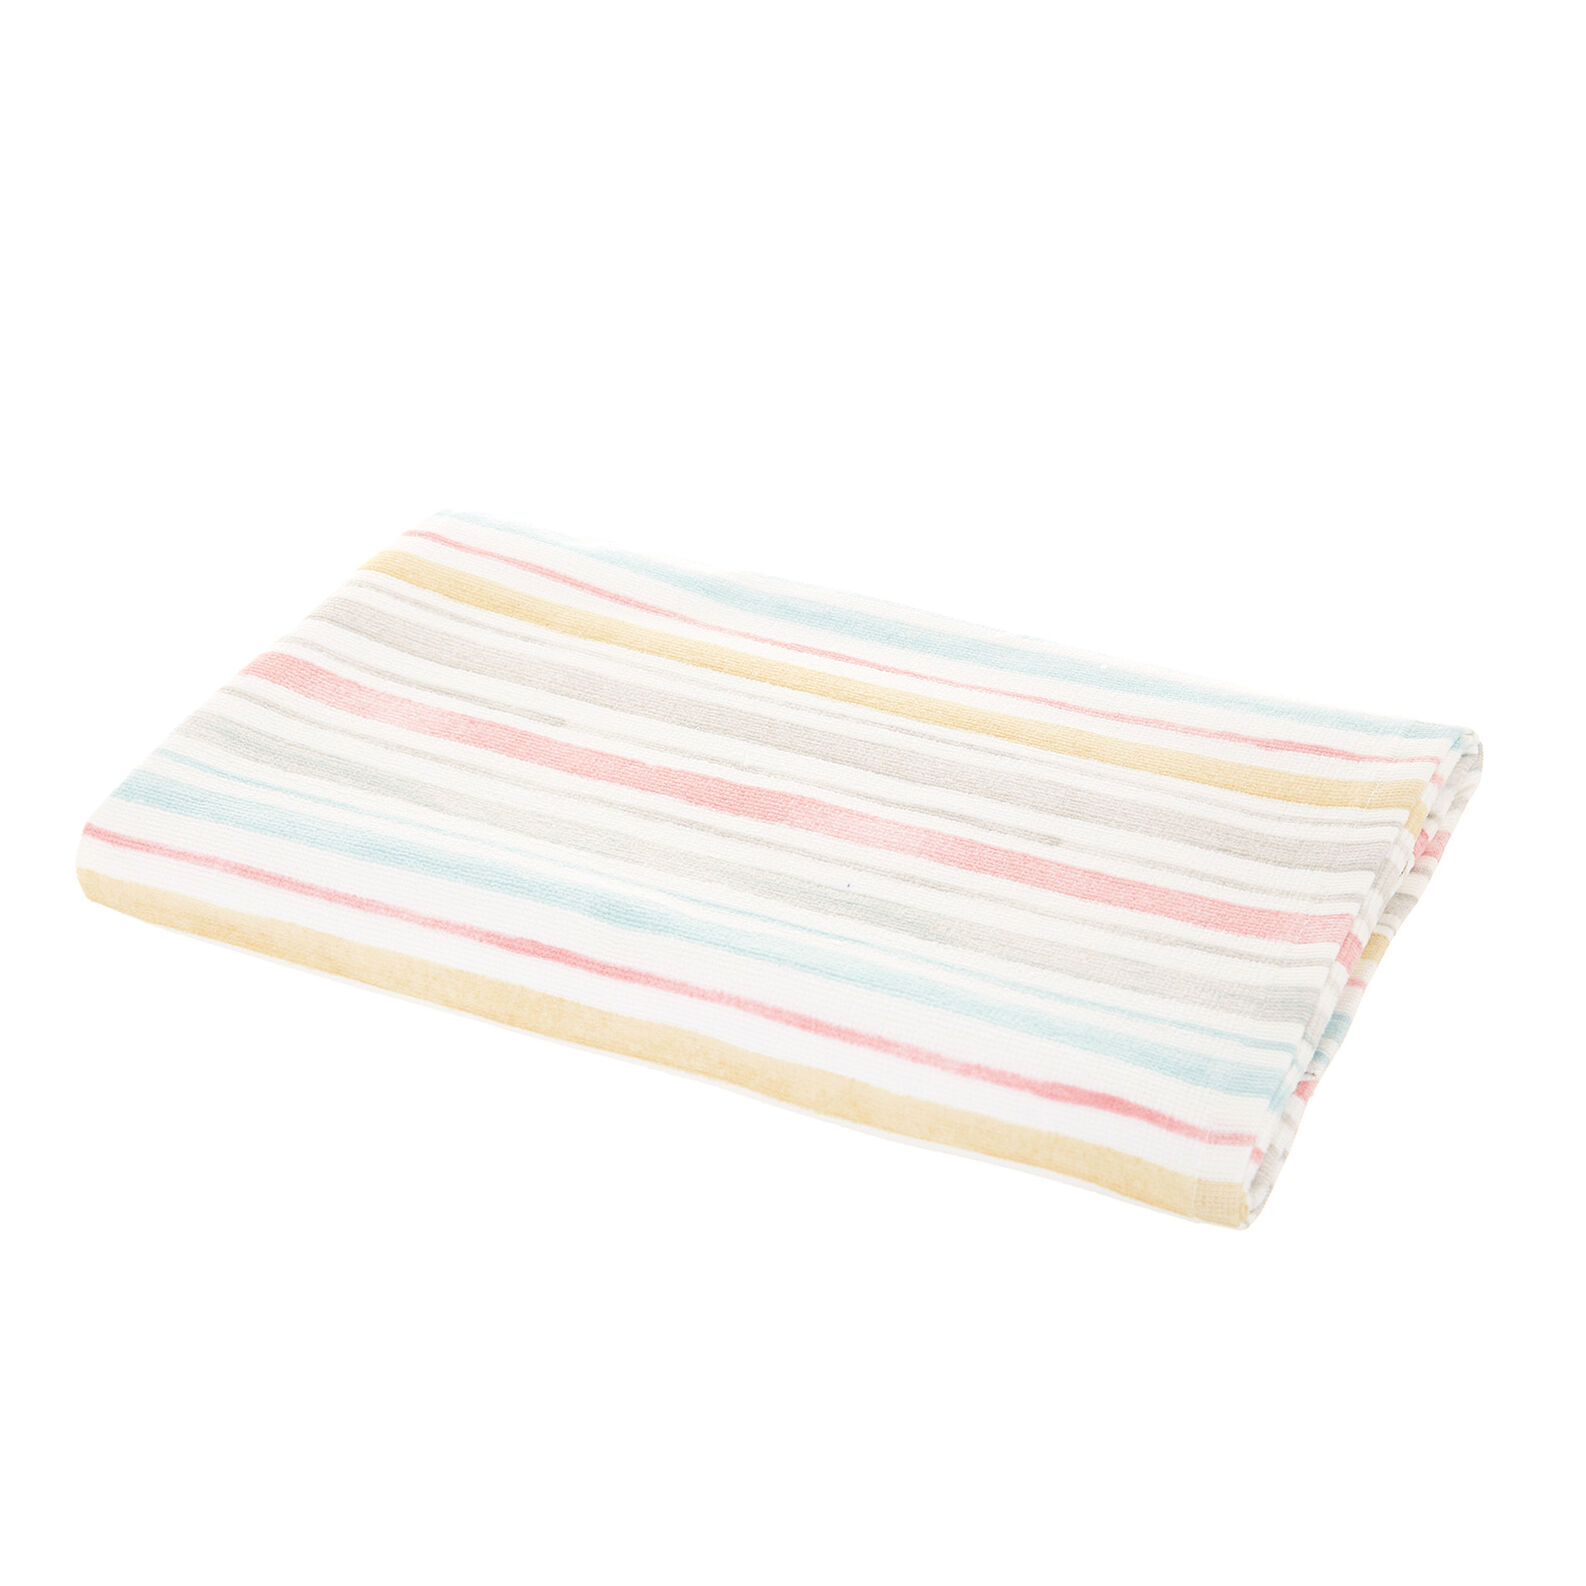 Asciugamano velour puro cotone a righe